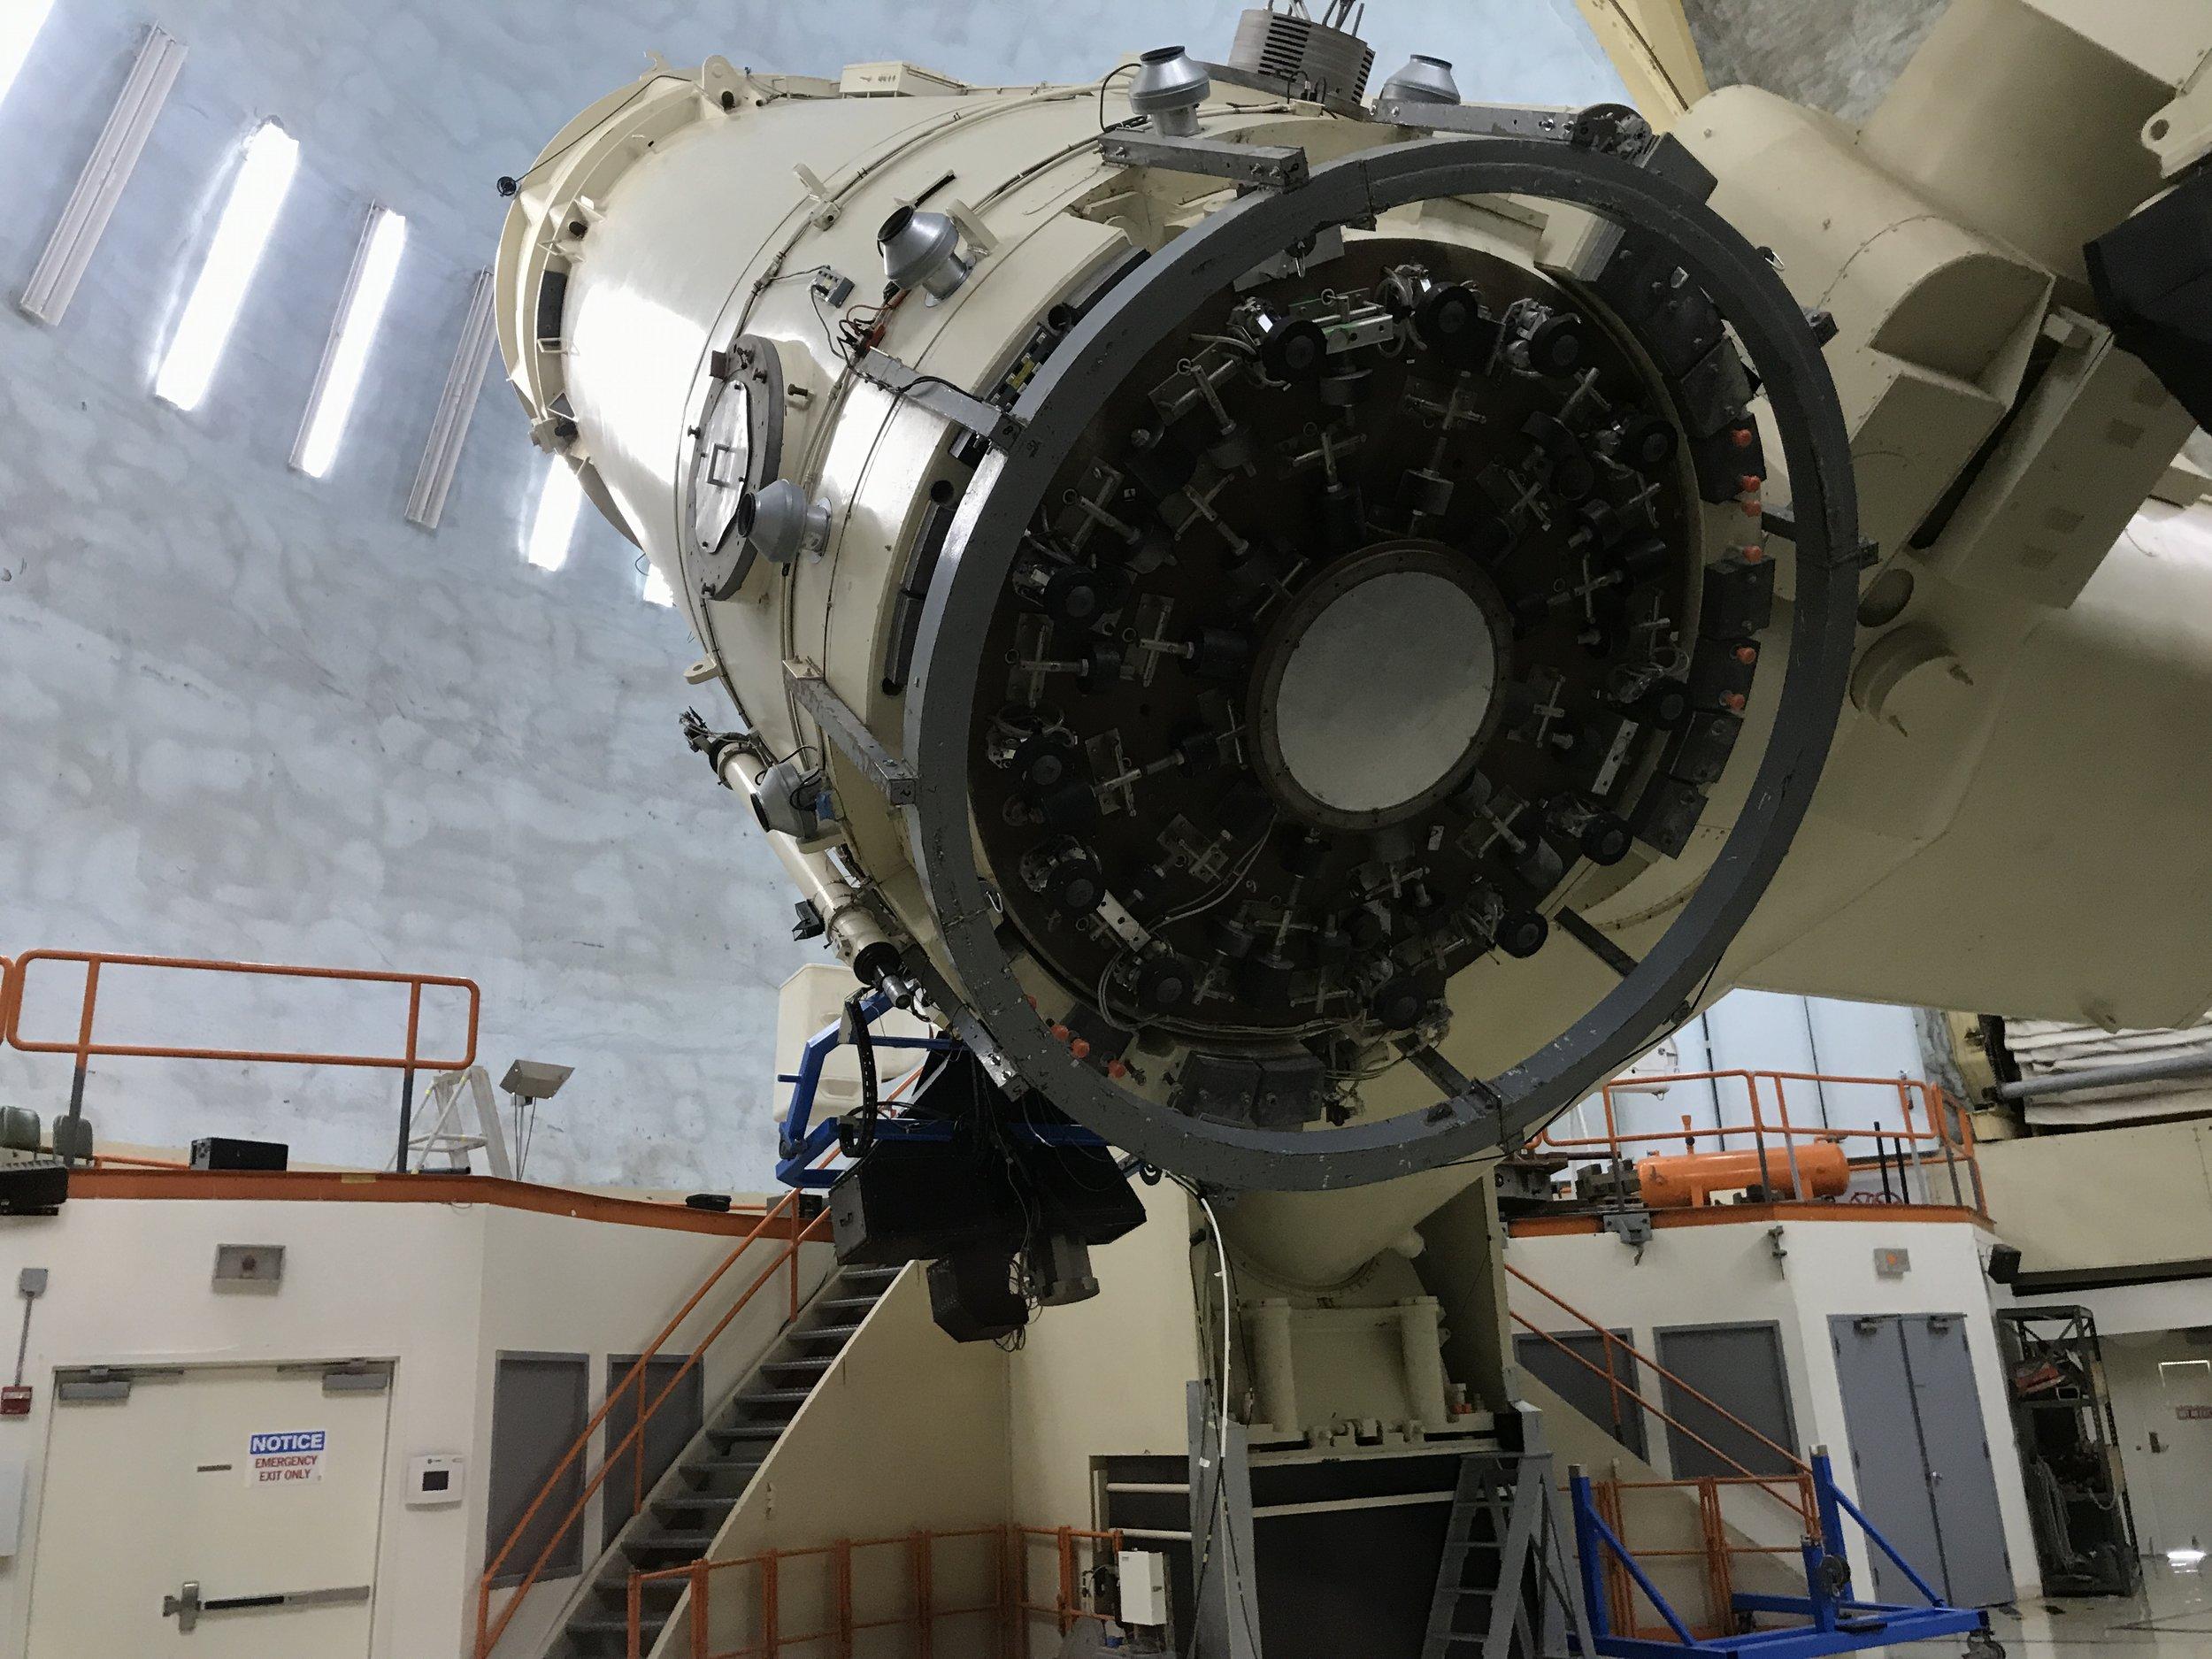 The telescope.